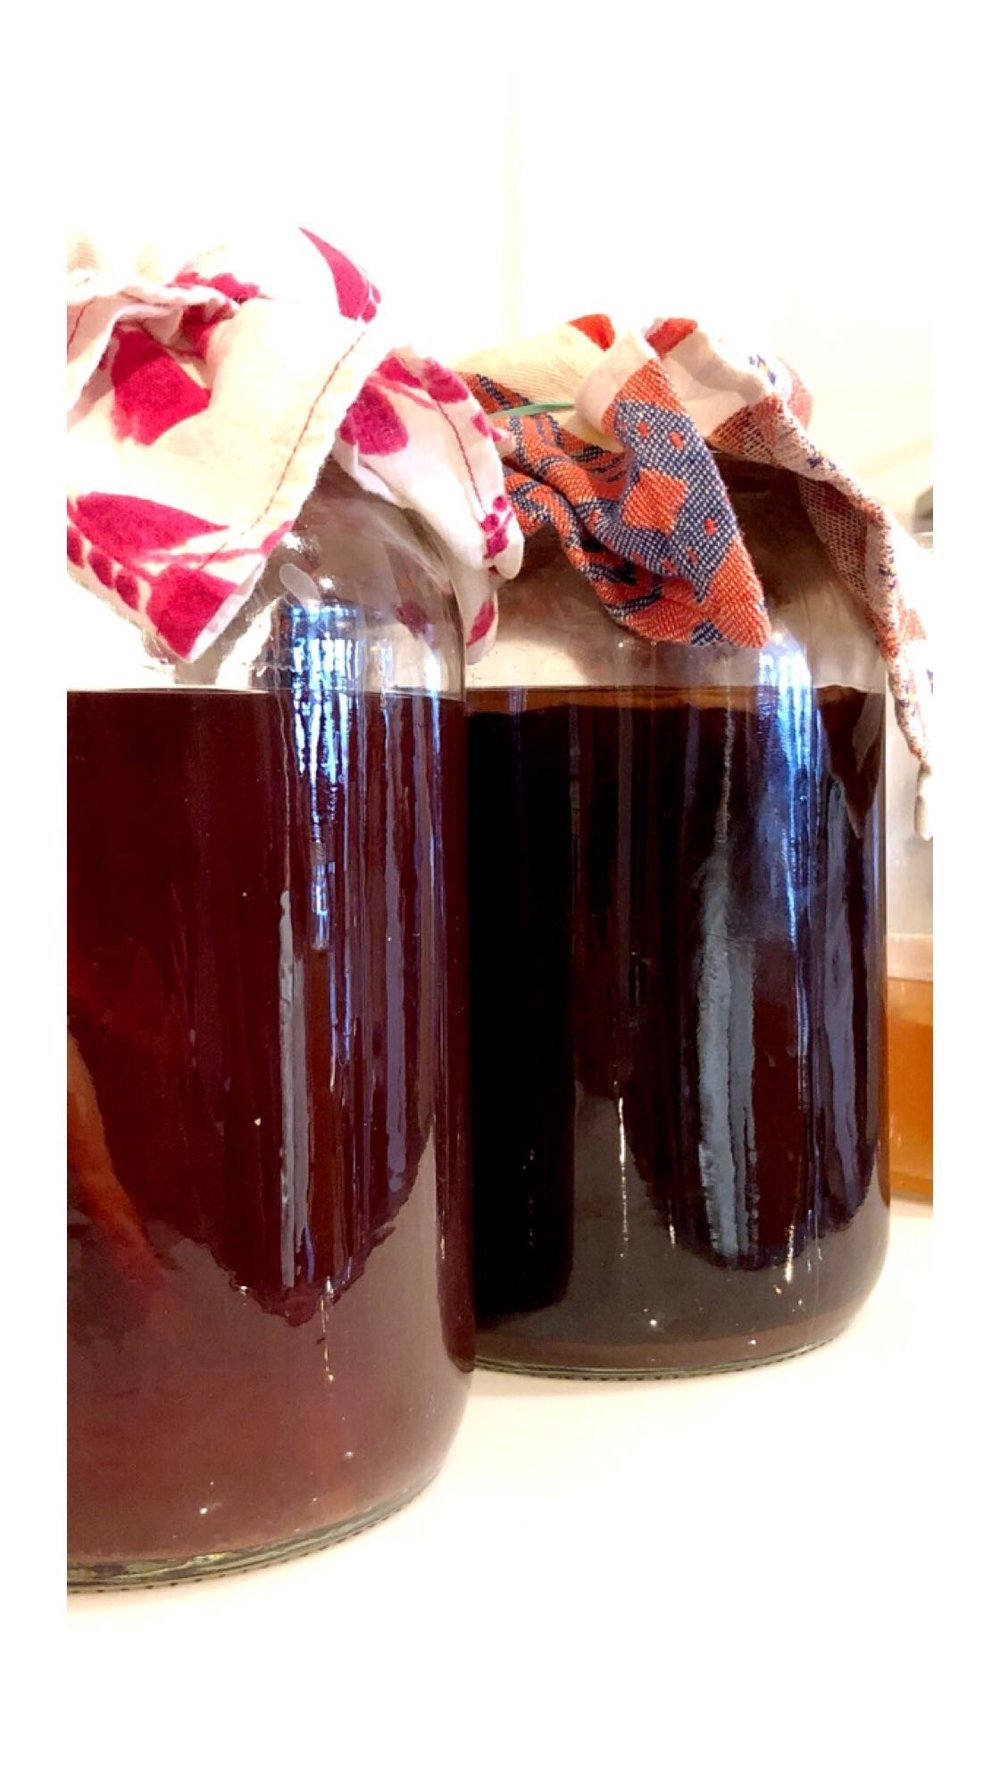 Rose kombucha and Coffee Kombucha in their bulk ferments